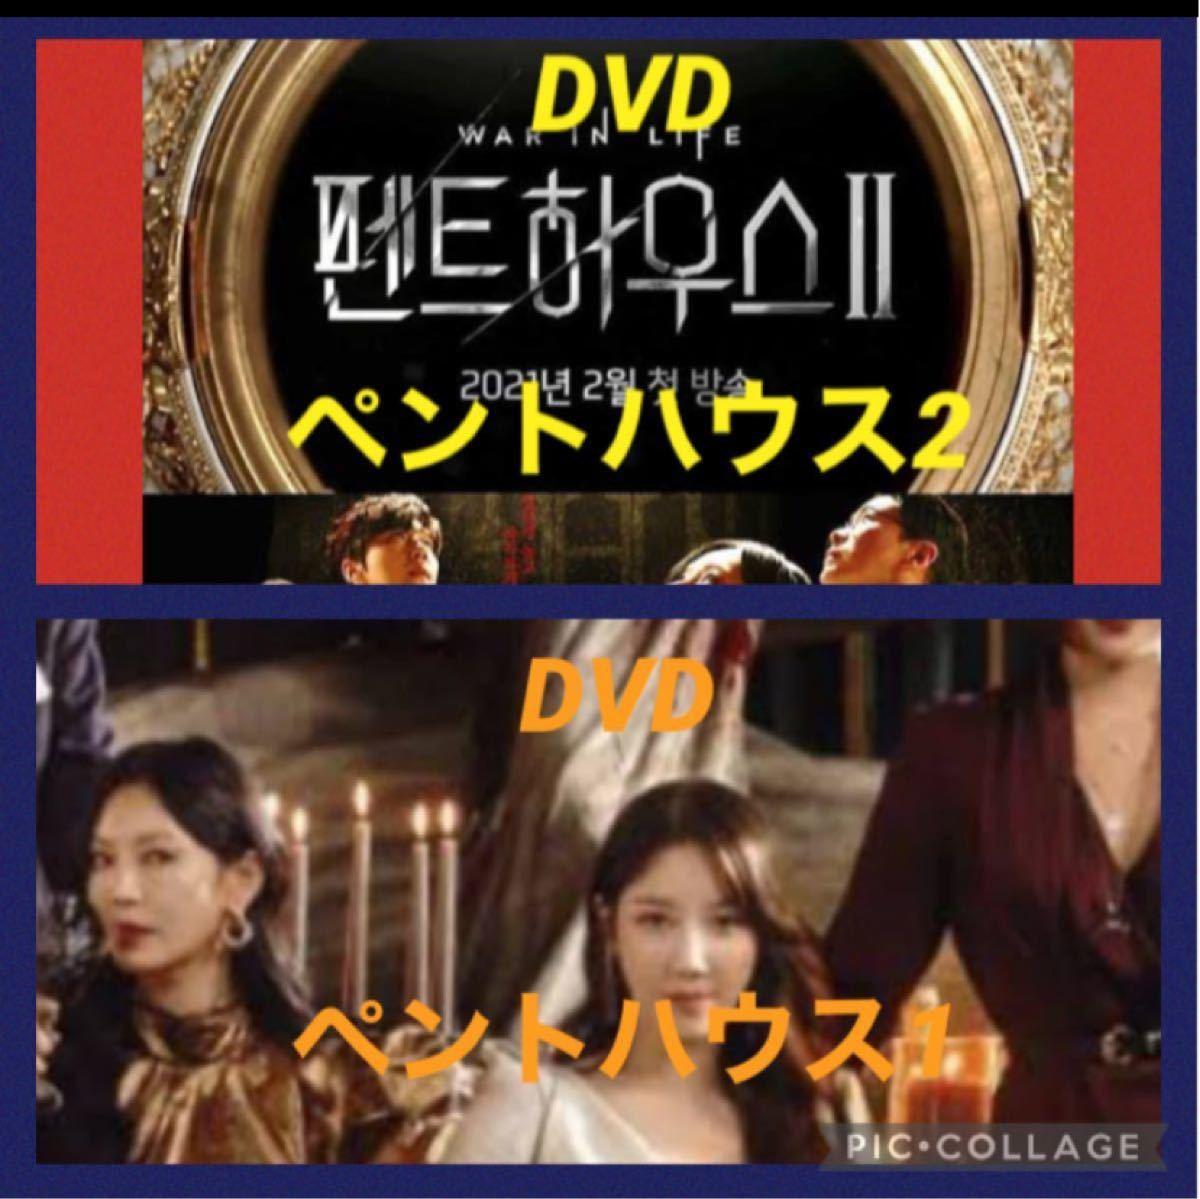 韓国ドラマ ペントハウス 1.2DVD全話【レーベル印刷あり】